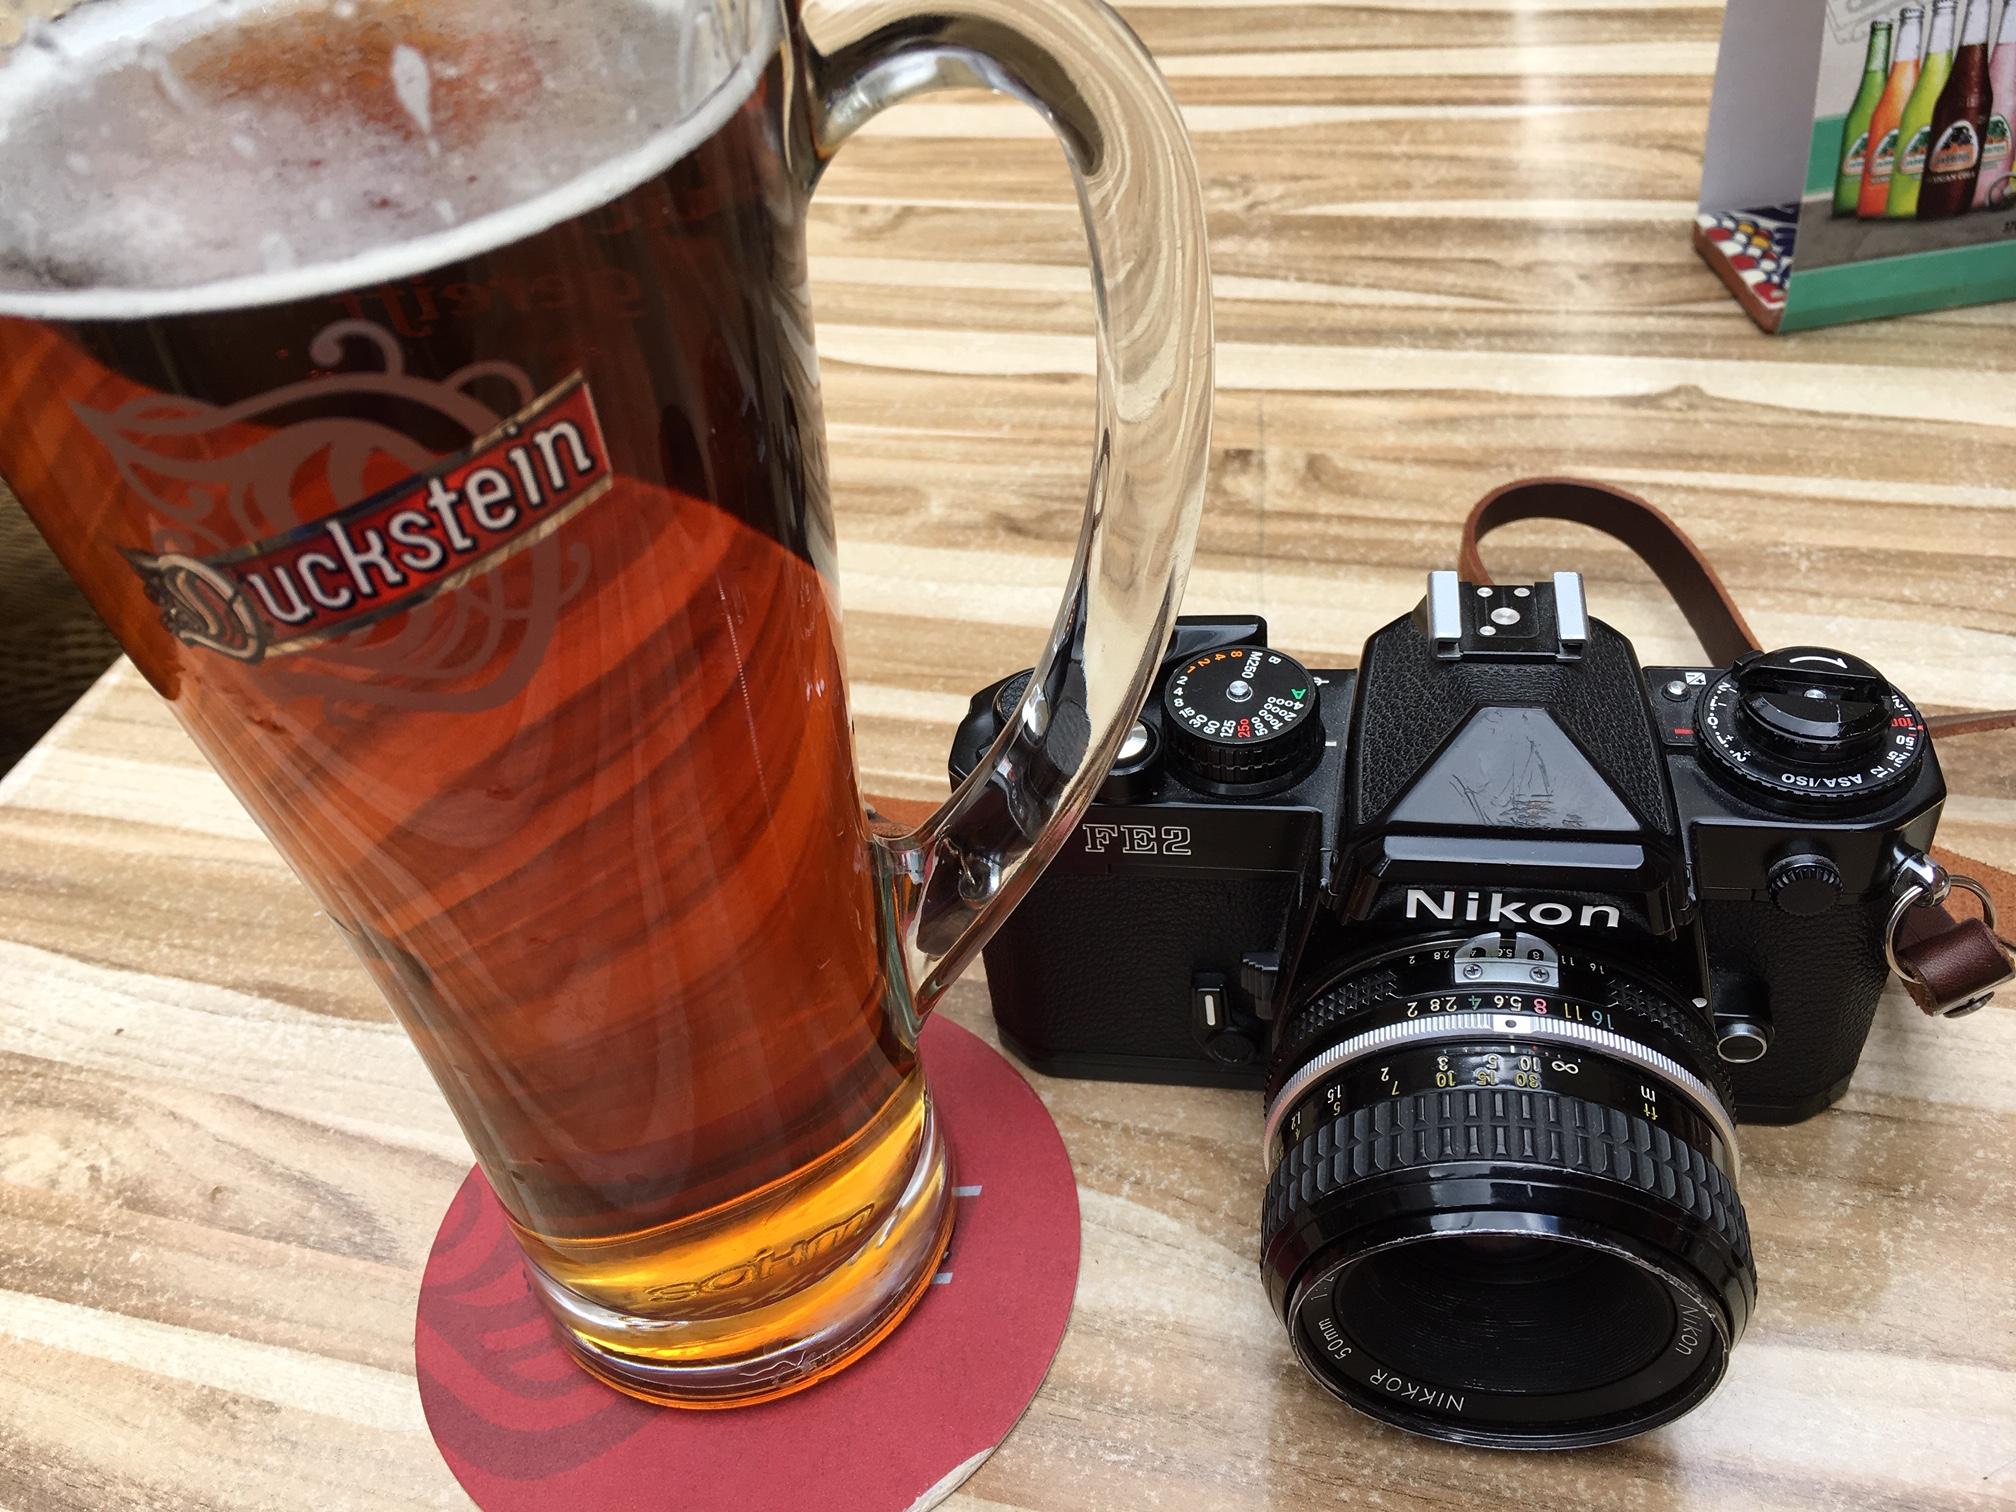 film photography — Adventures on Film